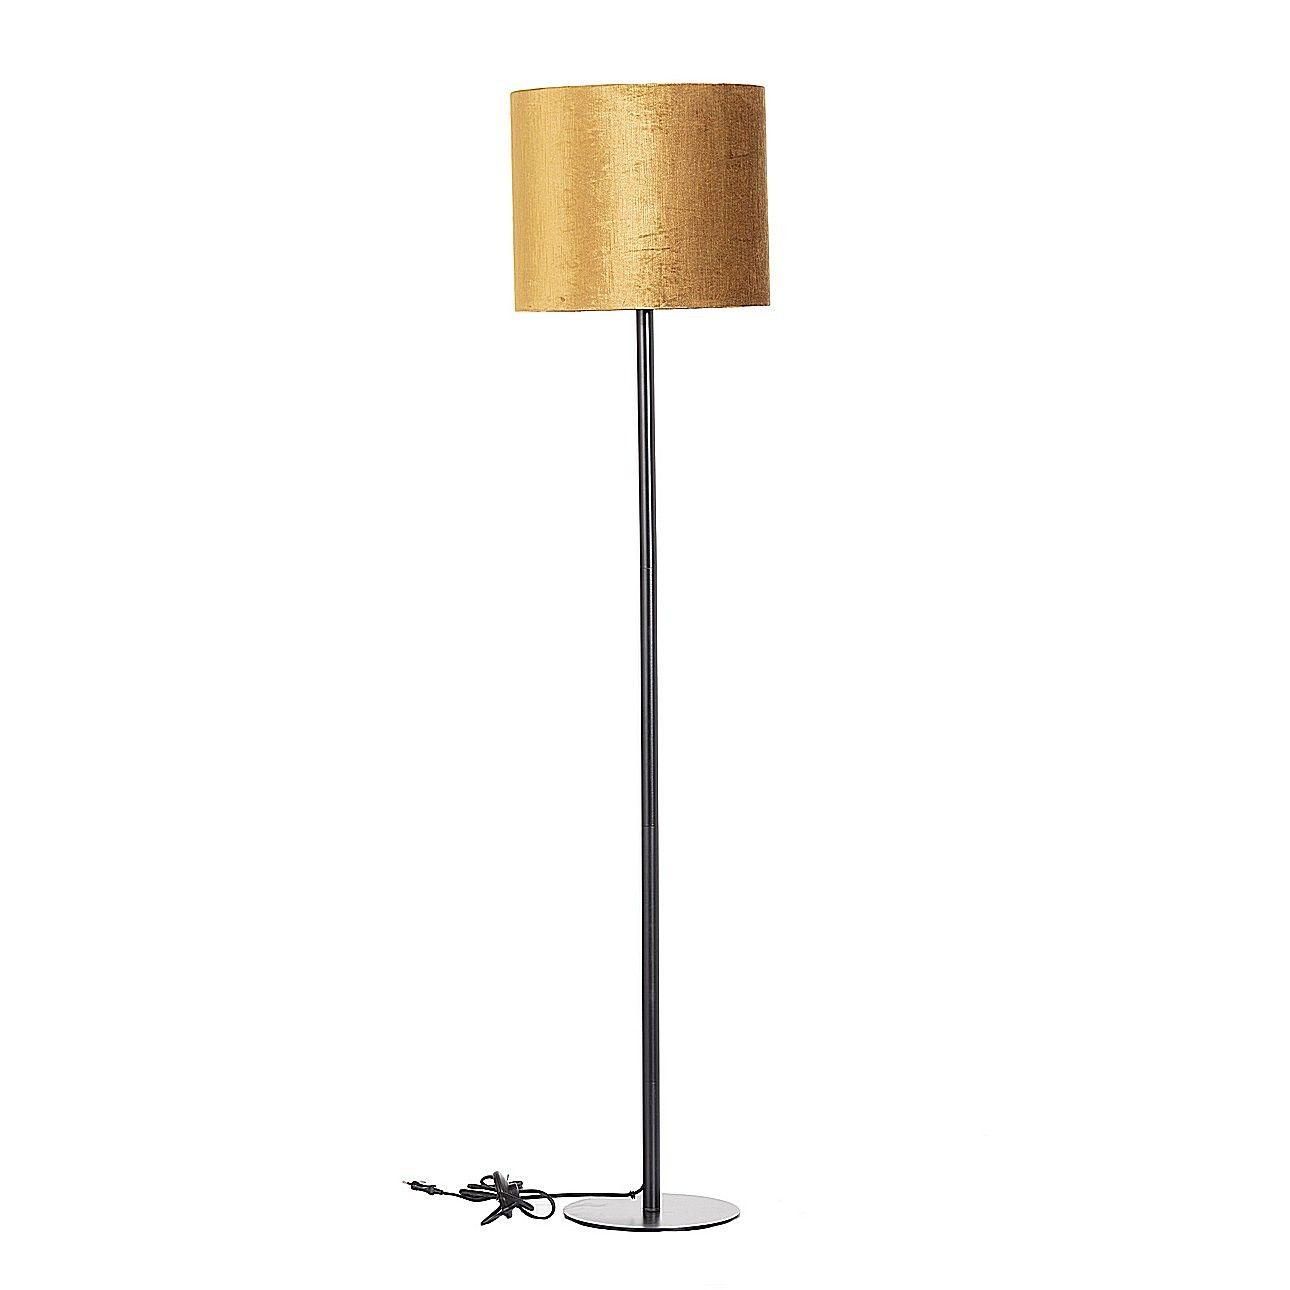 Full Size of Ikea Stehlampen P43539 Betten Bei Miniküche 160x200 Küche Kosten Sofa Mit Schlaffunktion Wohnzimmer Kaufen Modulküche Wohnzimmer Ikea Stehlampen